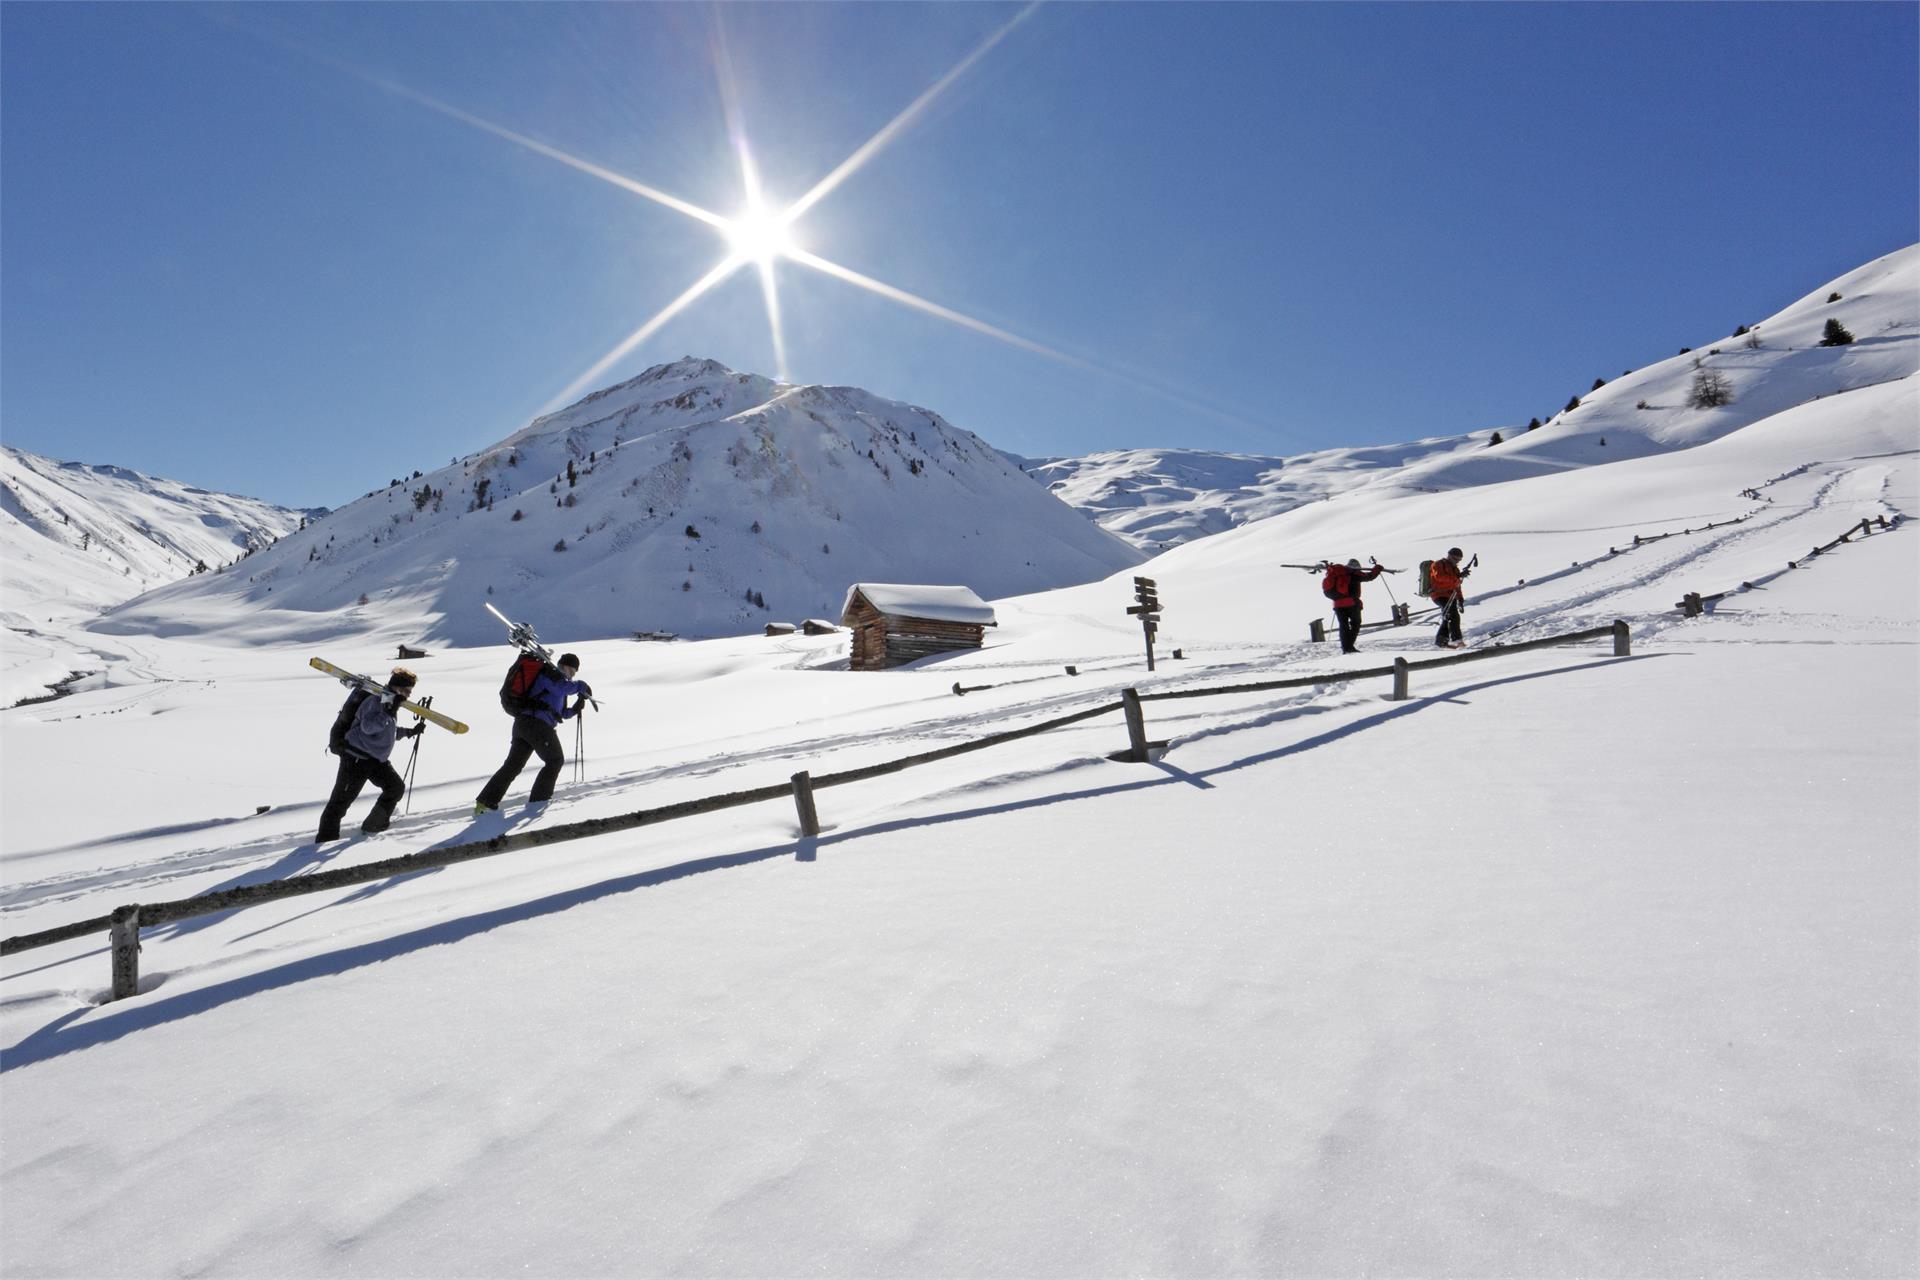 Ski Tour to the Tuckettspitze Peak